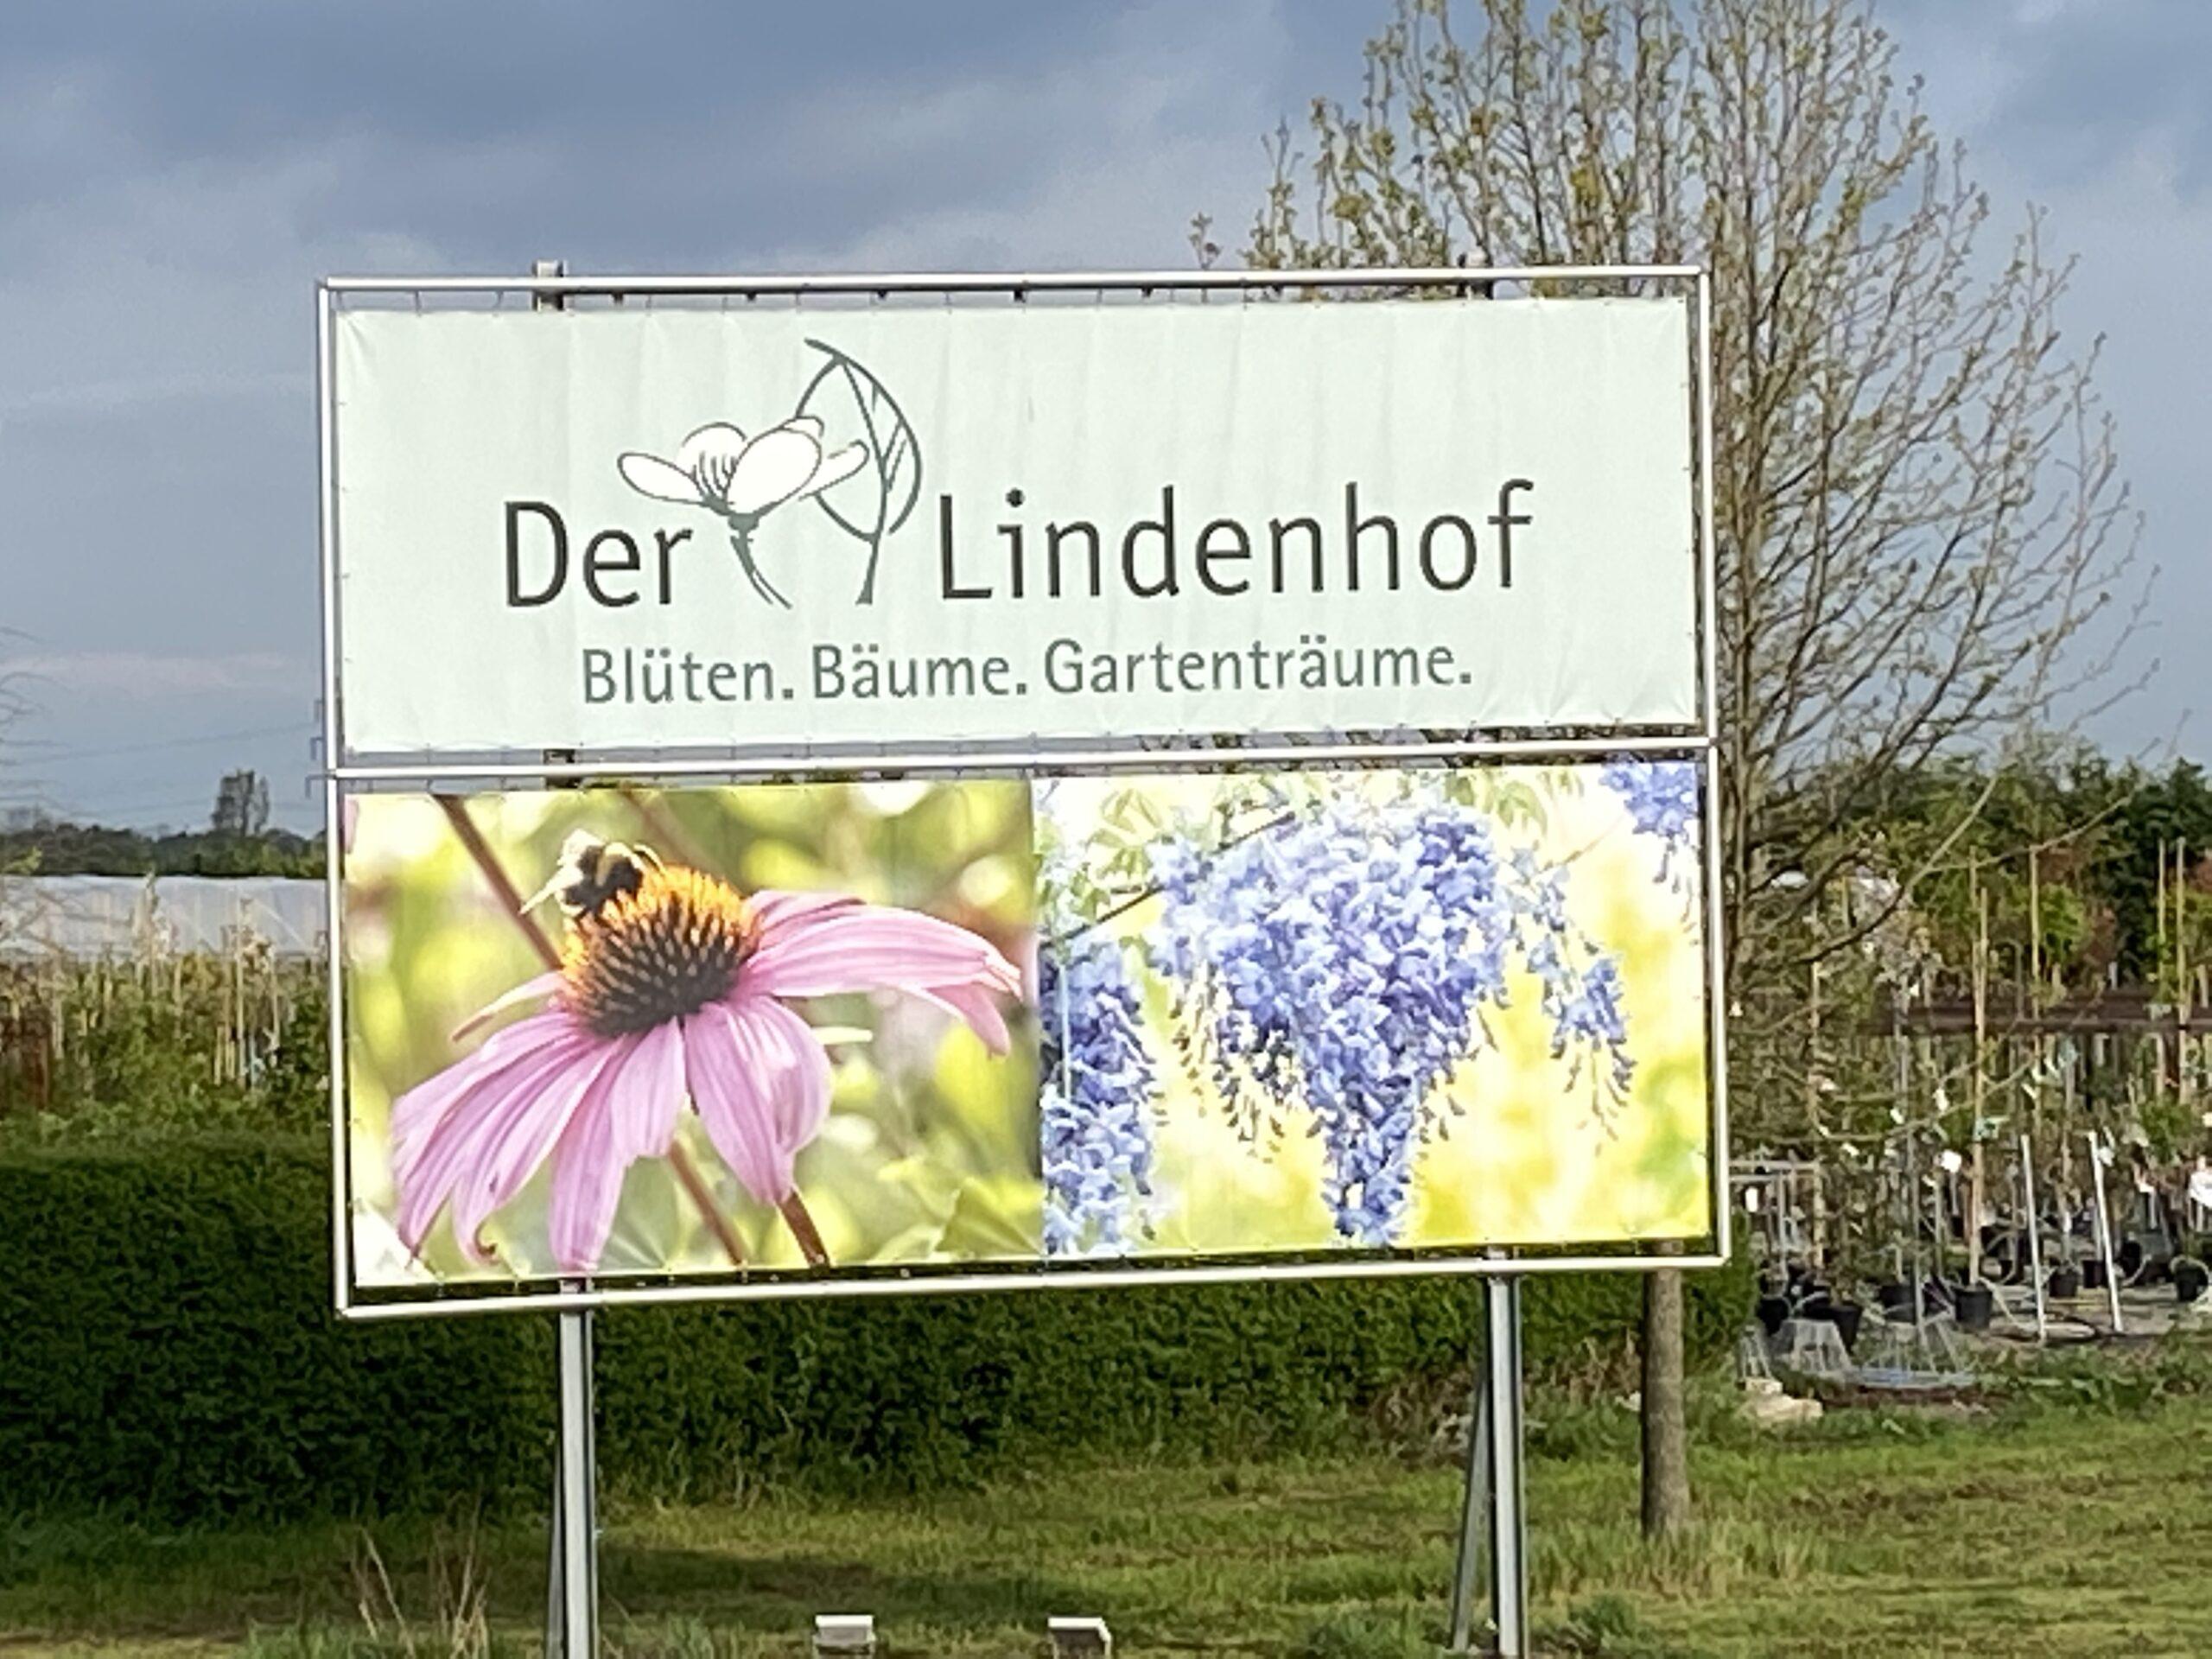 Gärtnerei Lindenhof Blumen in Bensheim-Auerbach